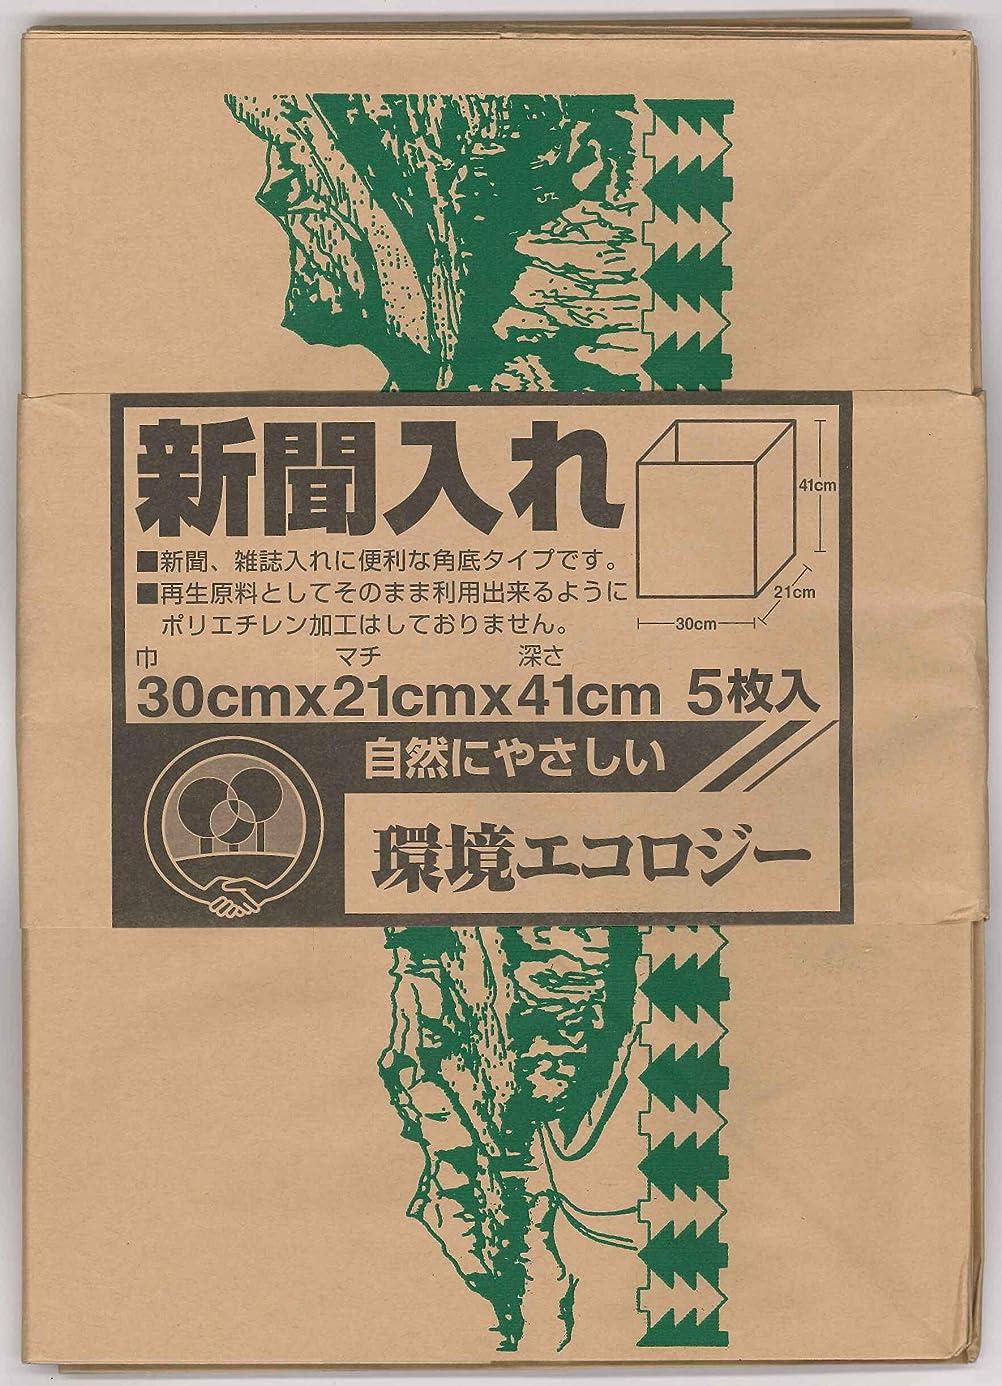 膨張する討論悪性日本技研工業 新聞入れ 茶 300×410mm 自然に優しい環境エコロジー商品 5枚入